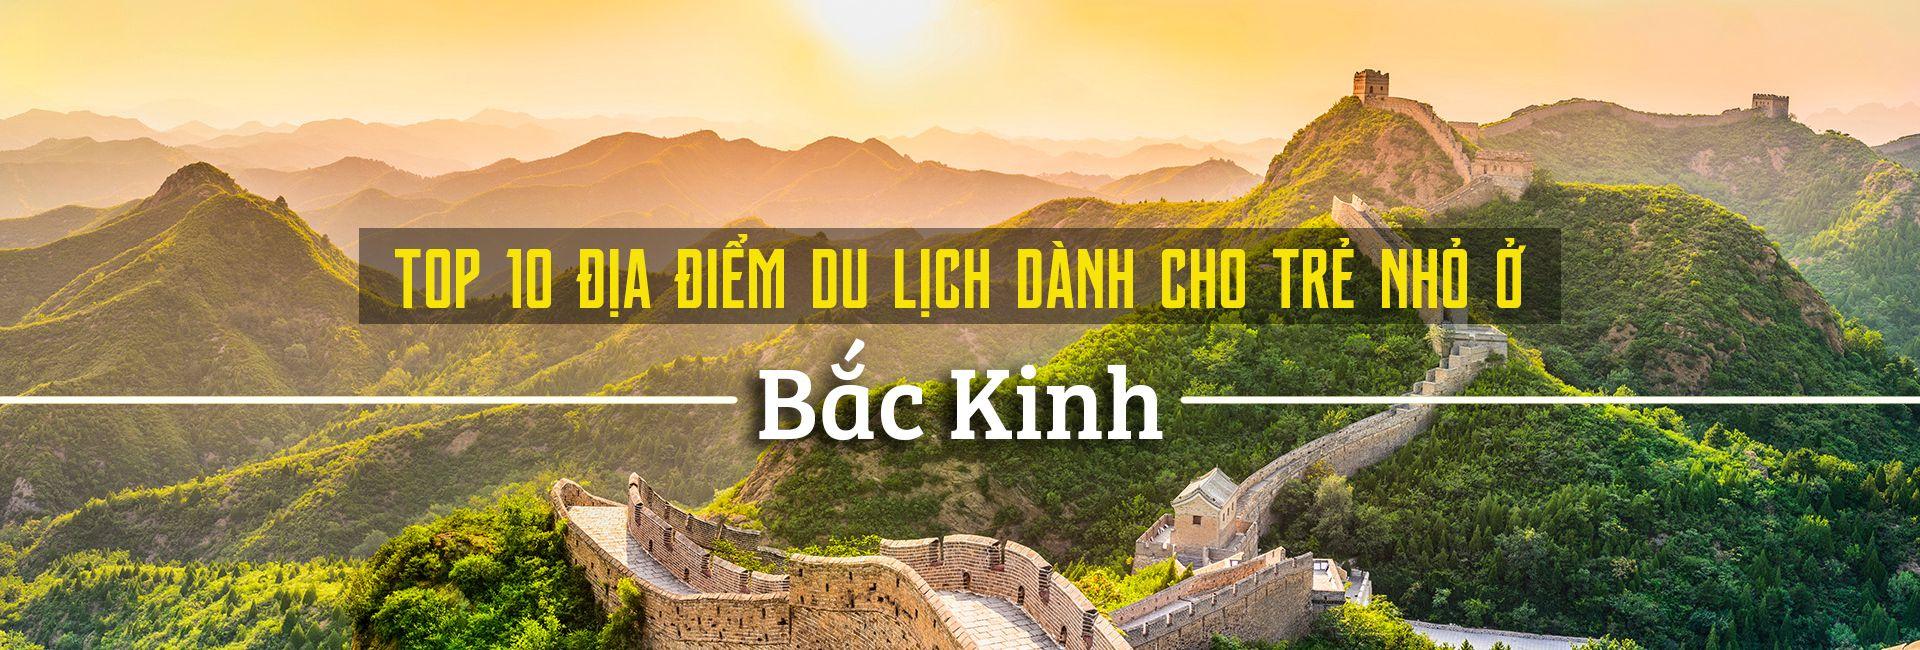 Top 10 địa điểm du lịch ở Bắc Kinh cho trẻ nhỏ